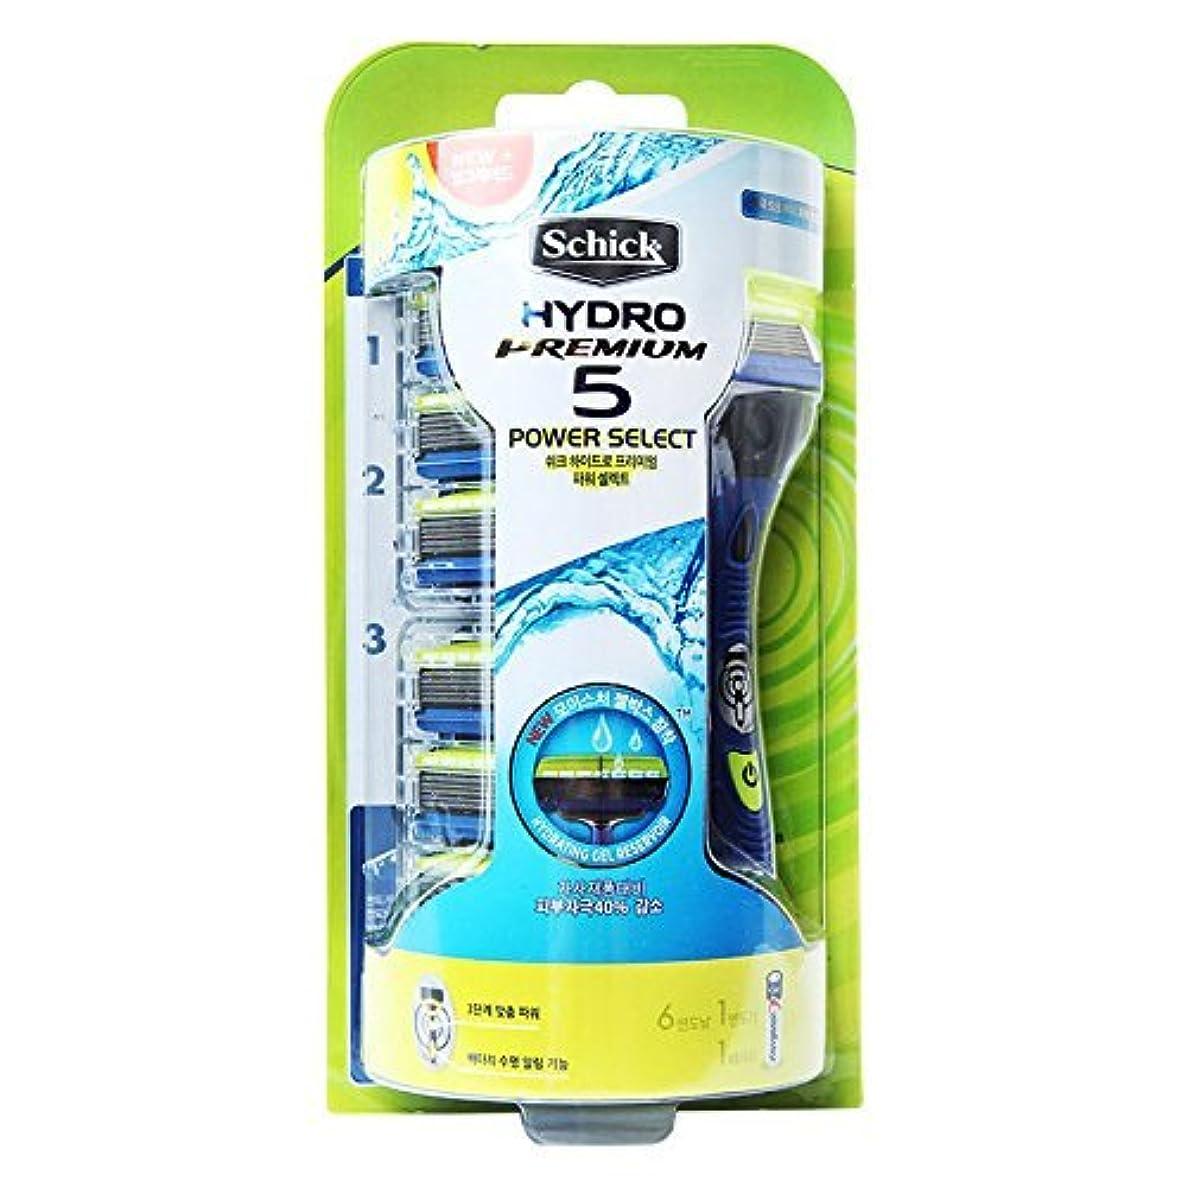 ブレンド教師の日誇張Schick HYDRO 5 Premium Power Select Razor / カミソリの刃6個が含ま [並行輸入品]